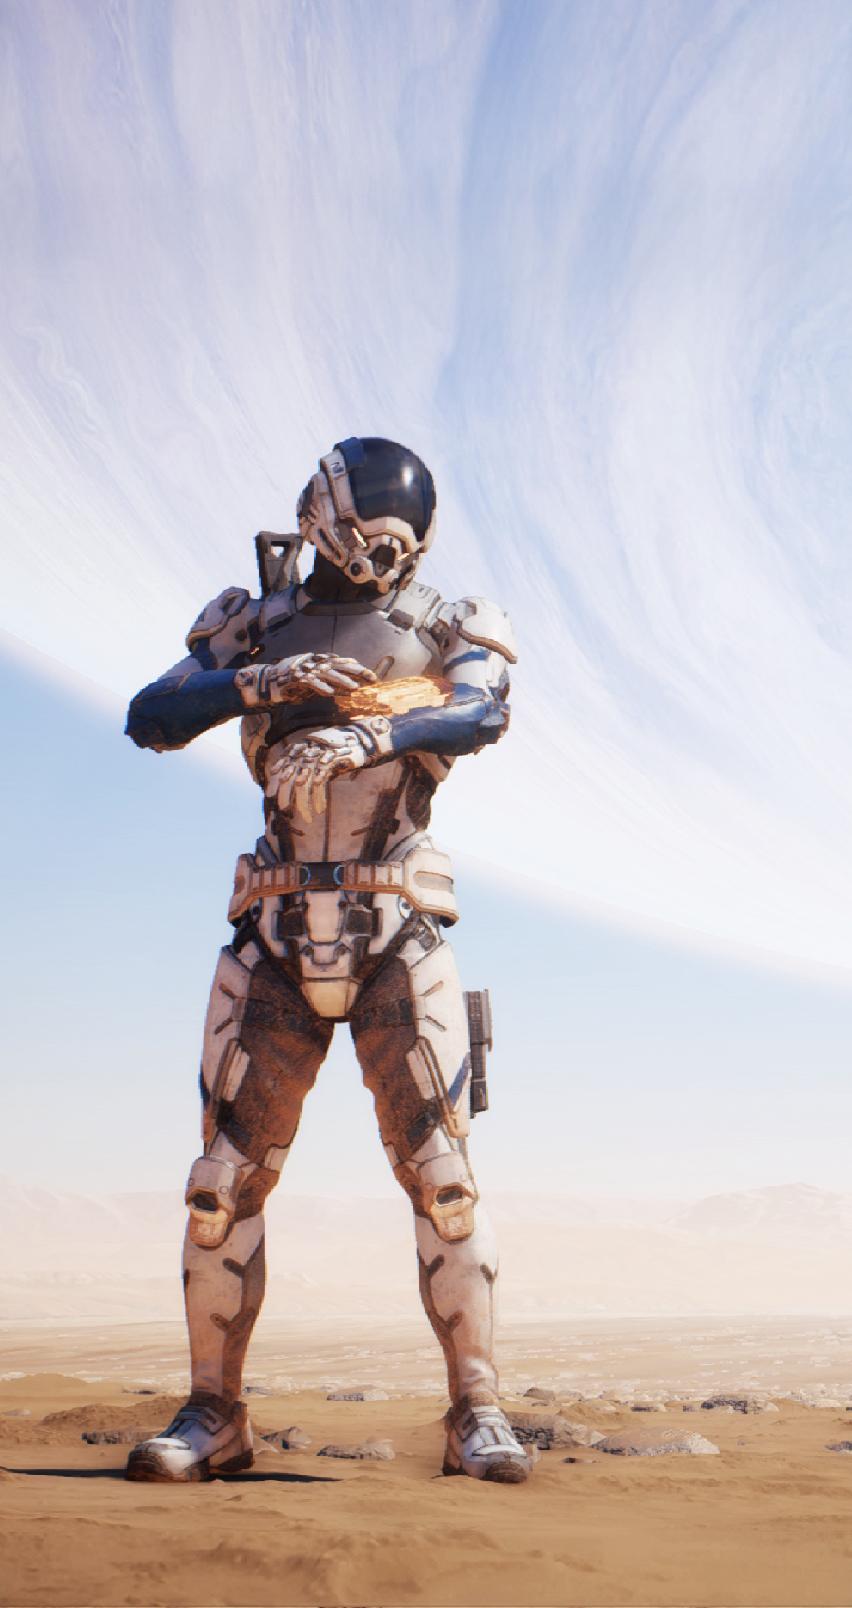 Wallpaper Mass Effect Andromeda Bioware Phone